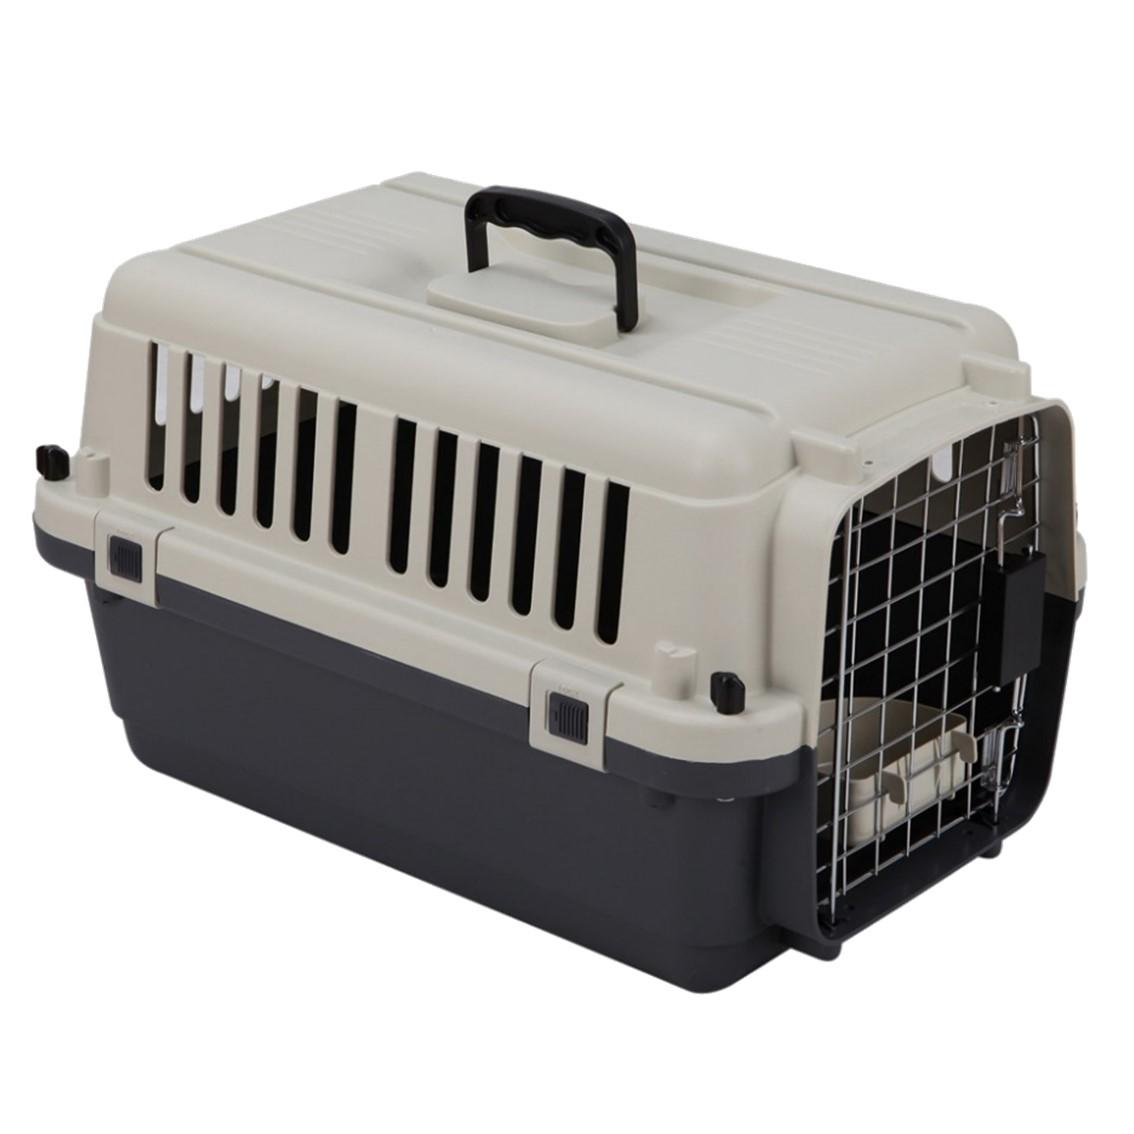 安心 安全設計 クレート ペットキャリー 犬 ペットゲージ バリケン 小型犬 大幅にプライスダウン 有名な SAVIC 航空輸送 ss アンデス 飛行機 移動用 バリケンネル SS